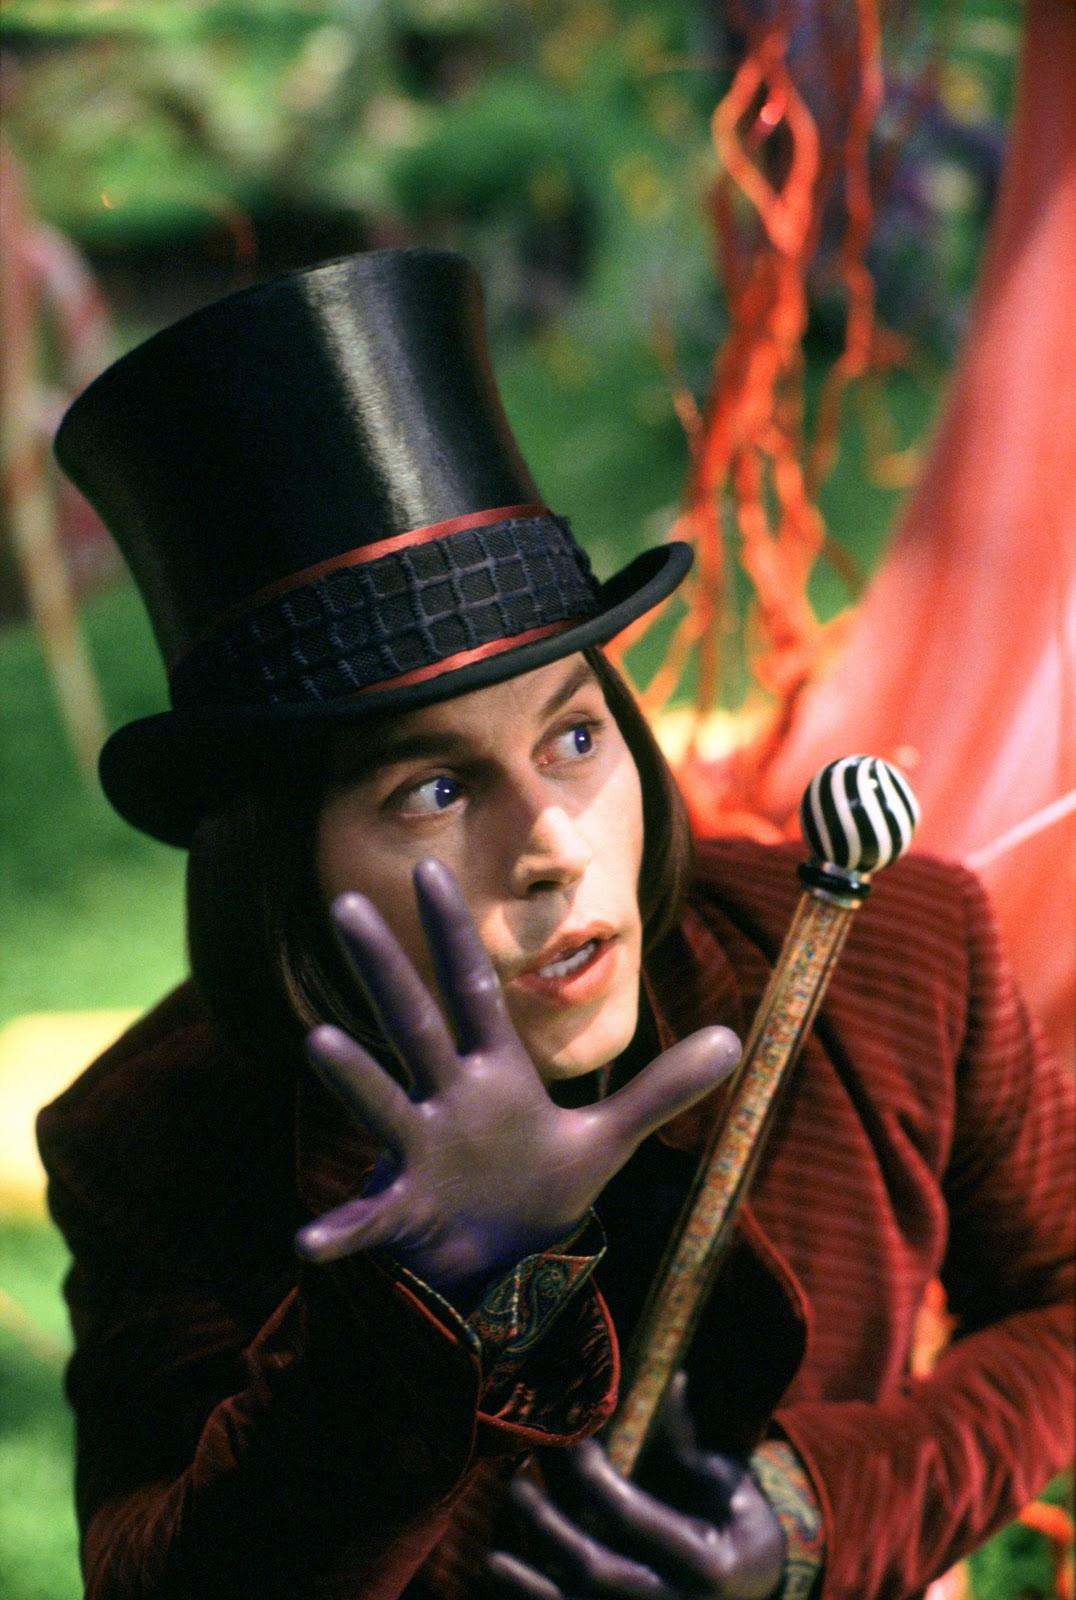 http://4.bp.blogspot.com/-s19t3JTUfog/ToYhmk4E4UI/AAAAAAAAAGk/s_BZ54HbljA/s1600/La-fabbrica-di-cioccolato-Immagini-dal-film-10.jpg